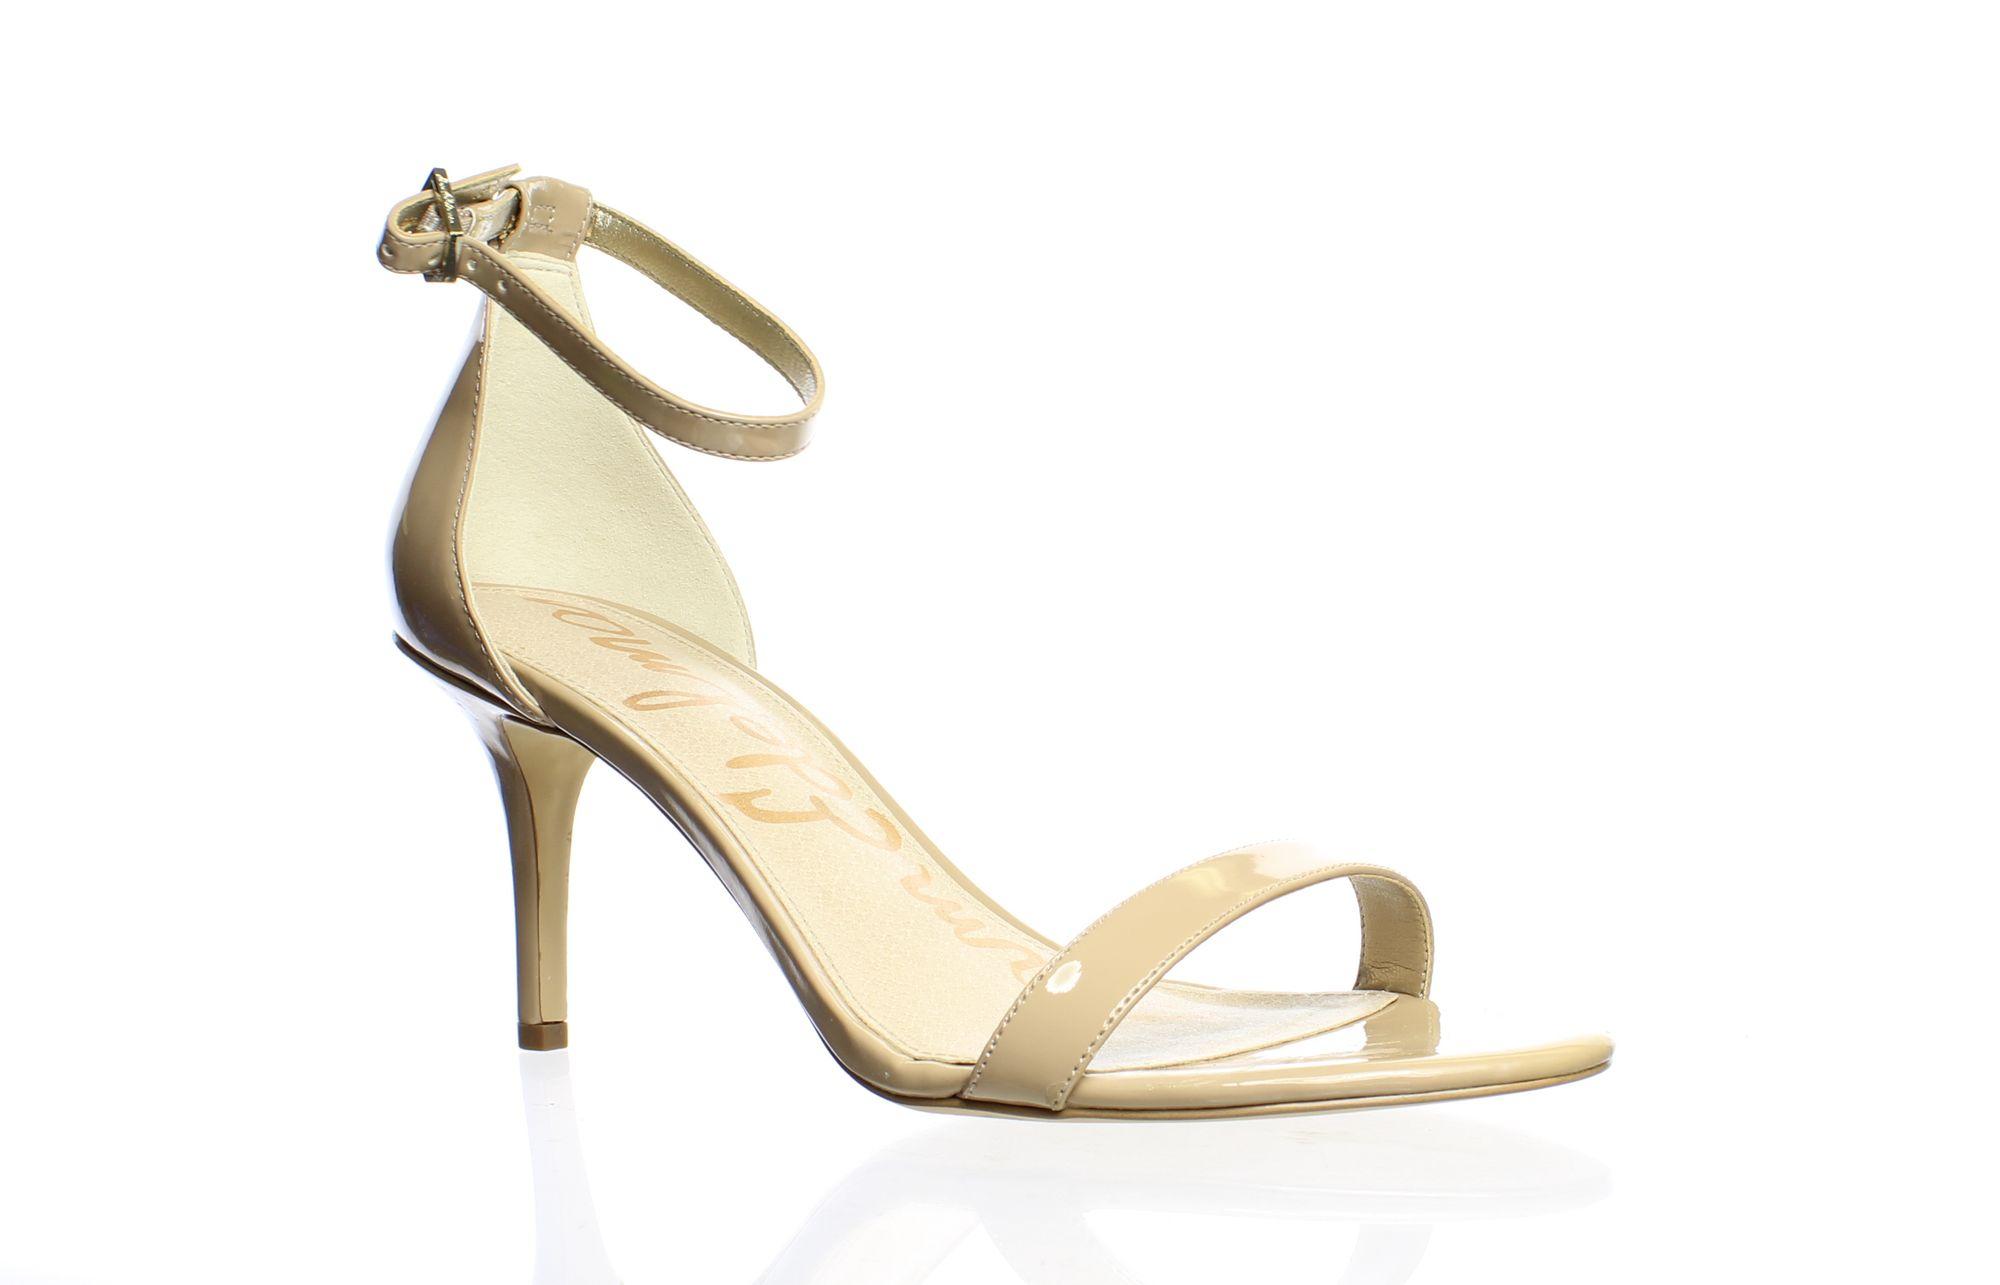 Sam Edelman Womens Patti Classic Nude Patent Ankle Strap